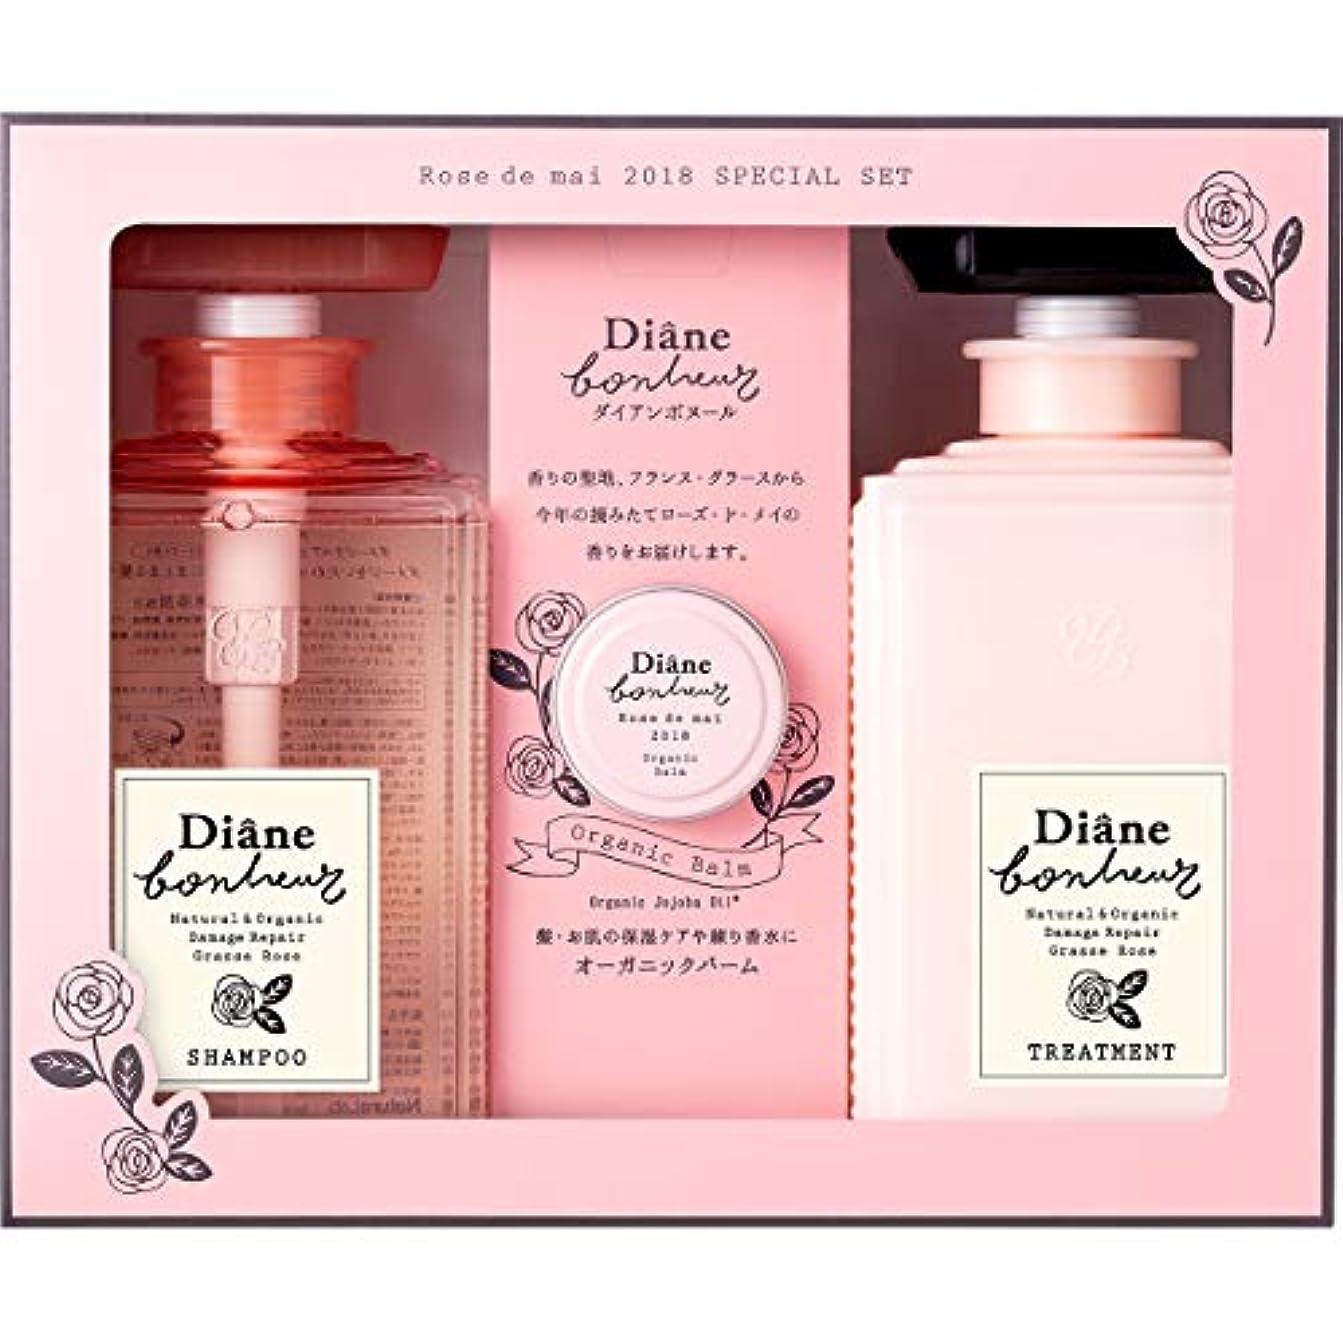 記念品スクラップブック波ダイアン ボヌール ダメージリペア シャンプー&トリートメント Grasse Rose バーム付きセット